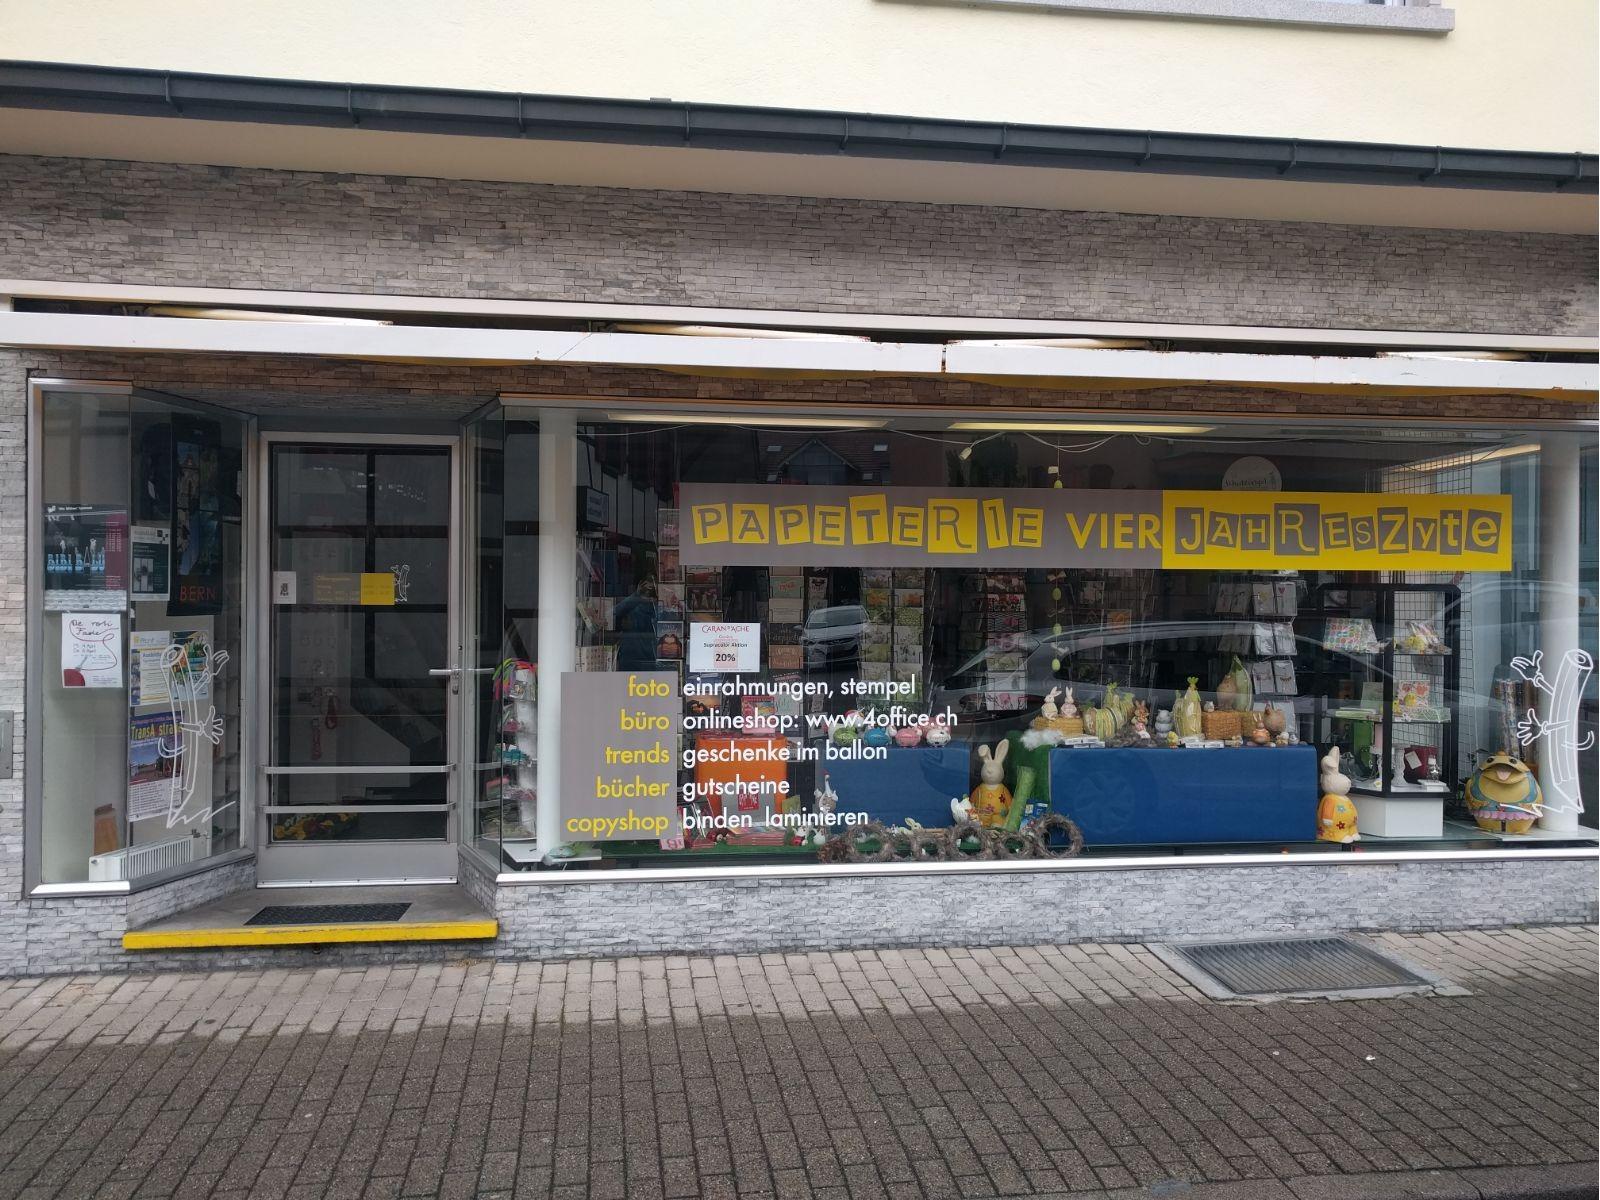 Papeterie Vier Jahreszyte GmbH